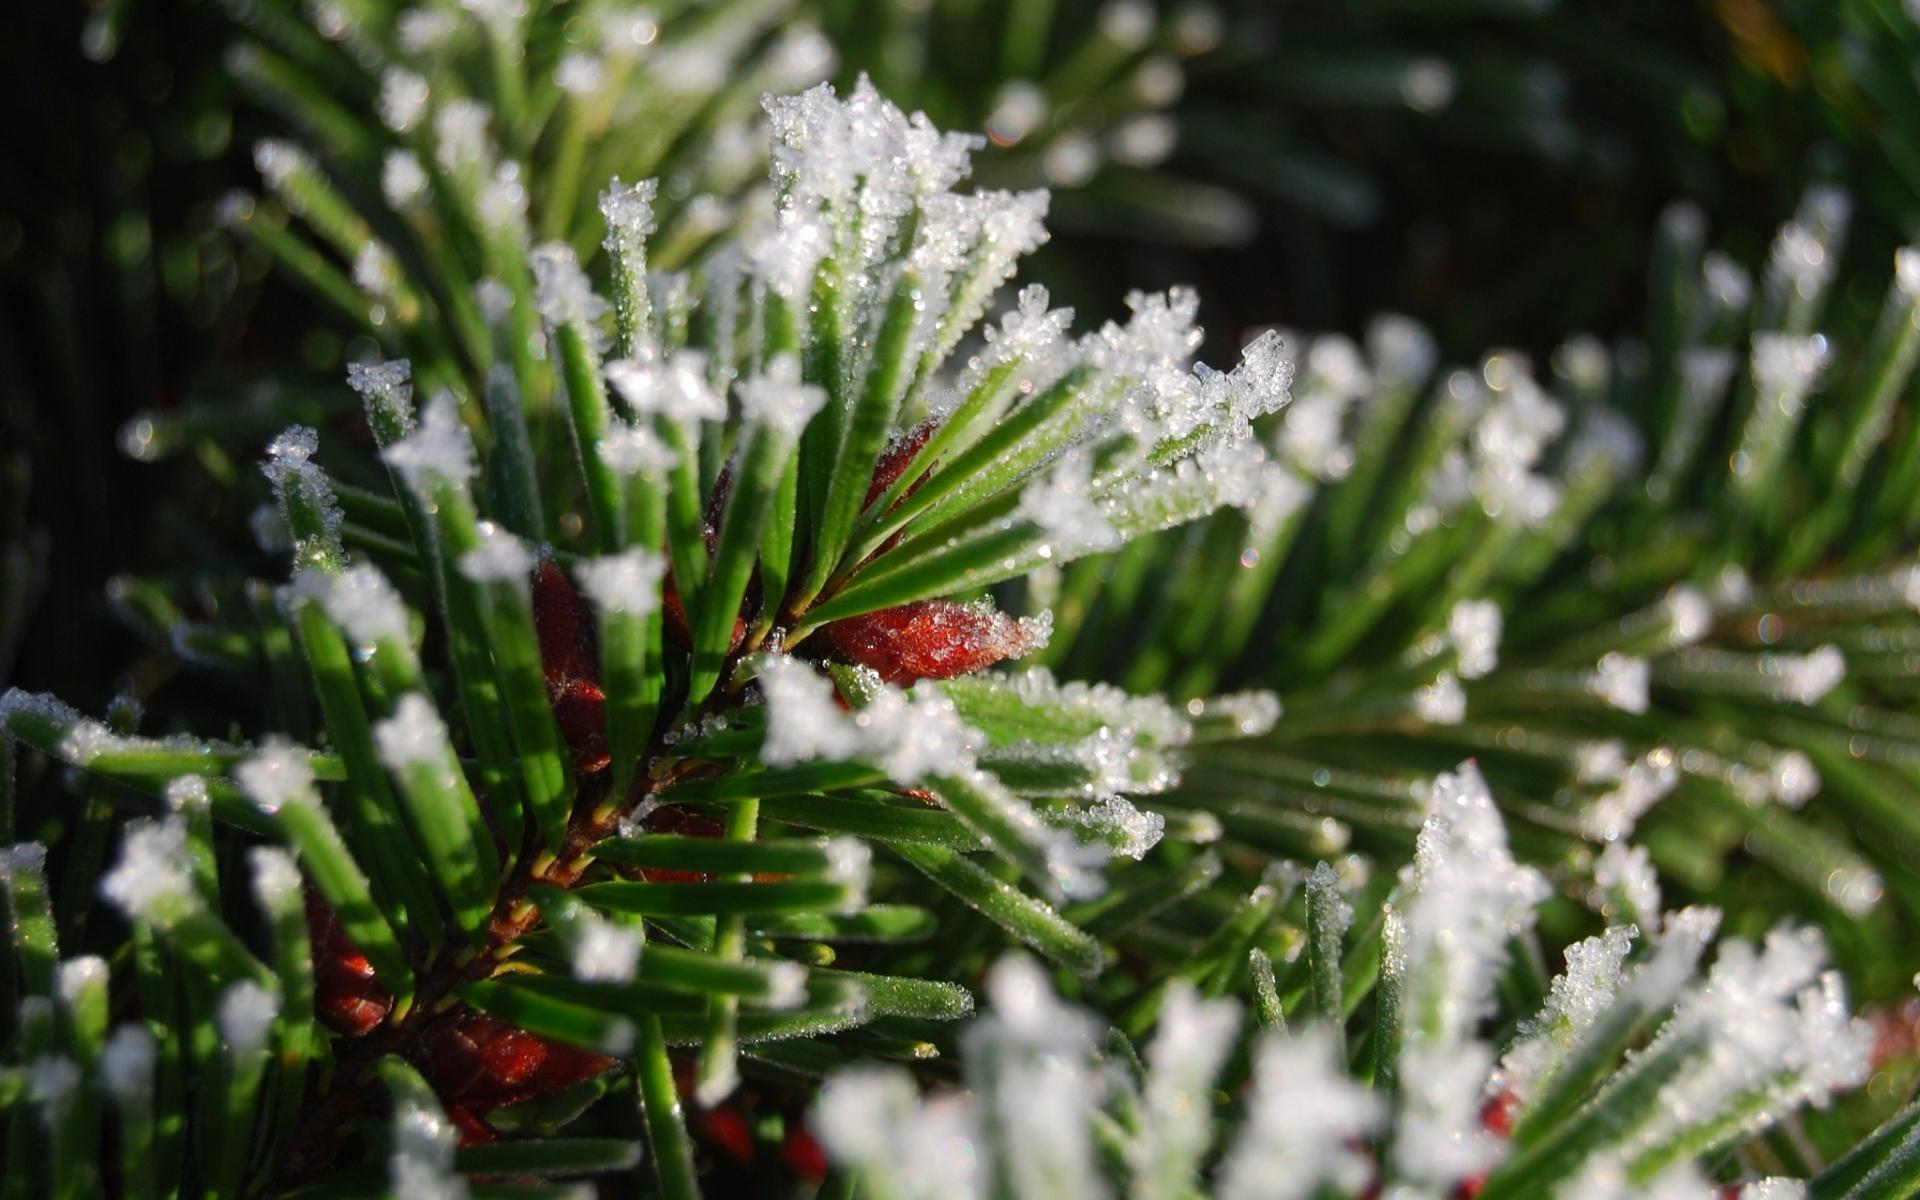 первой картинки на рабочий стол снег на елках тренировал несколько